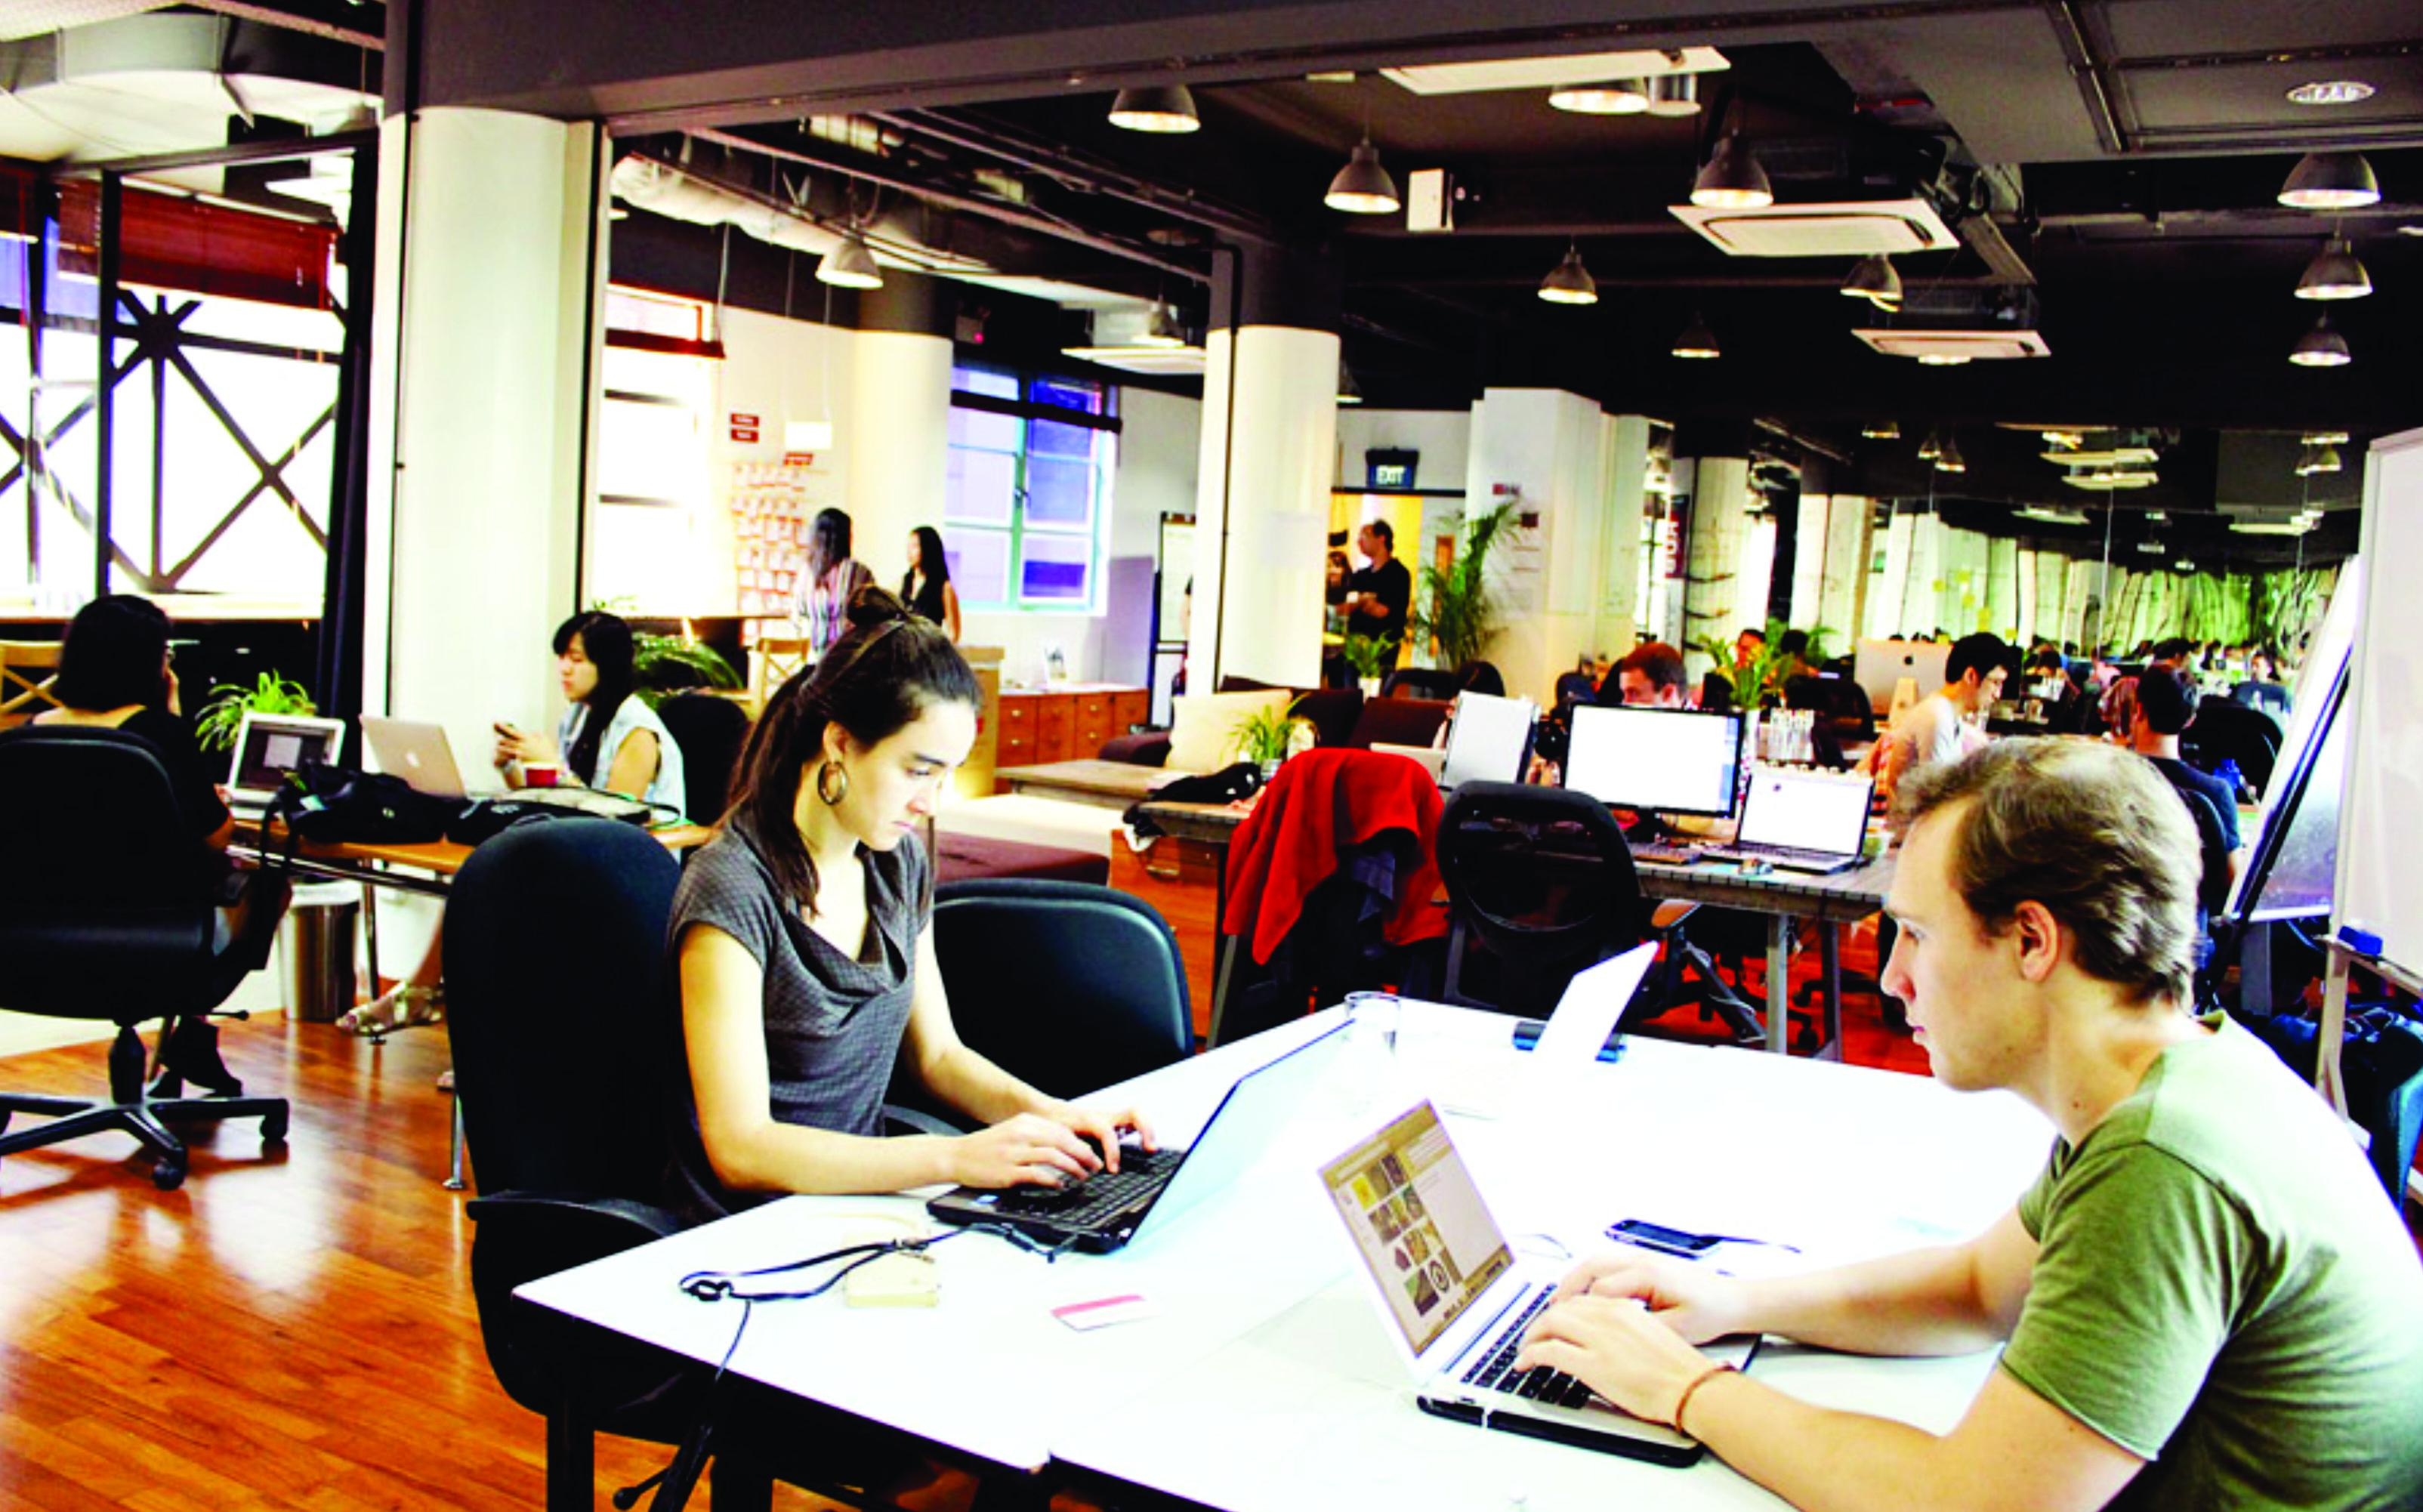 Suasana kerja yang menyenangkan pada perusahaan startup akan meningkatkan produktivitas karyawan